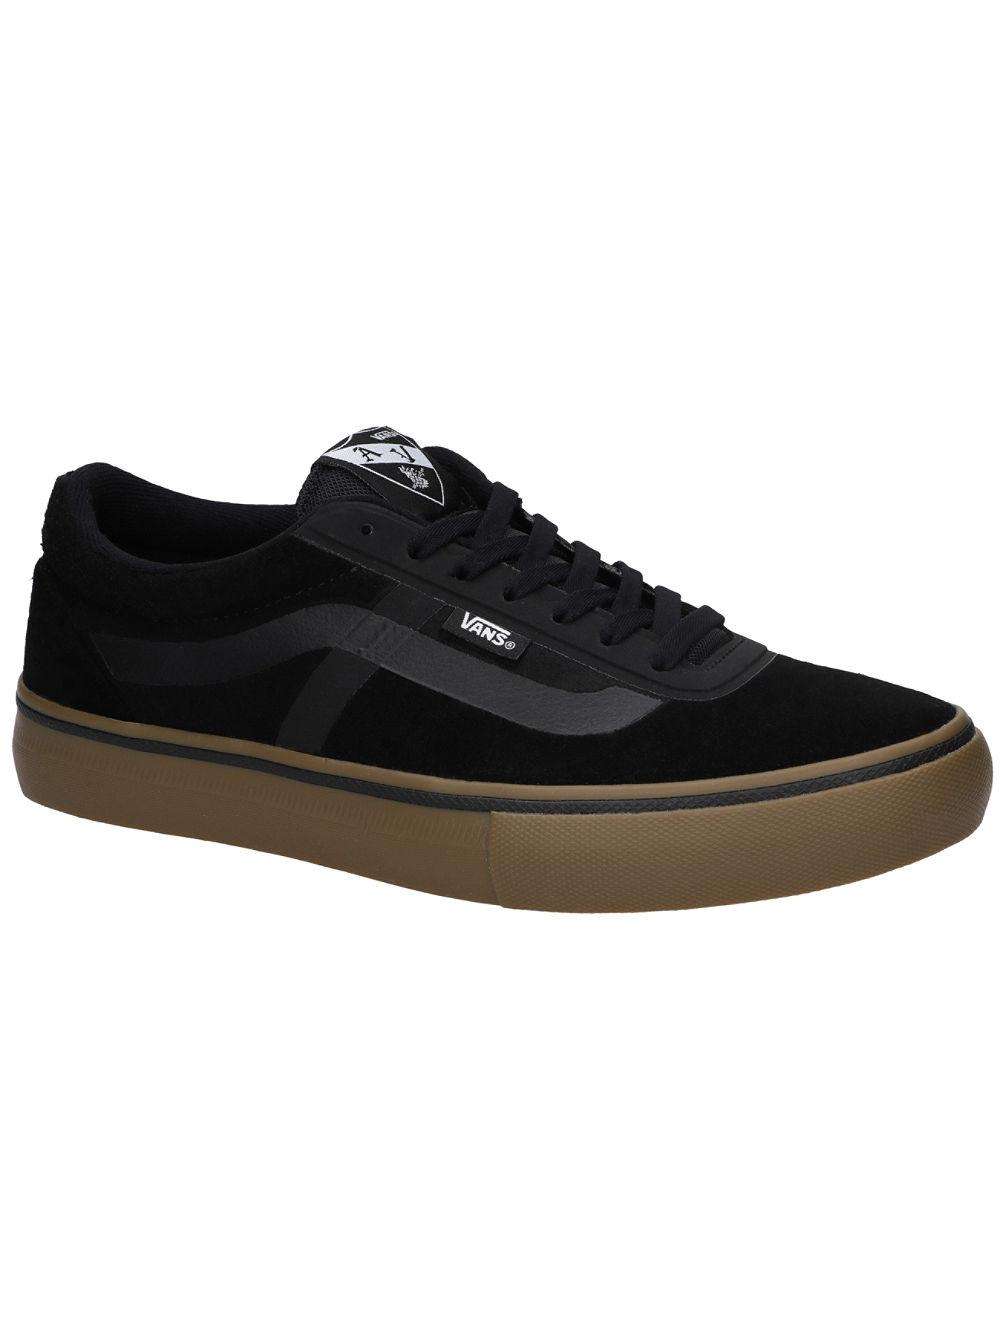 3ce52312e917 Buy Vans Av Rapidweld Pro Skate Shoes online at blue-tomato.com